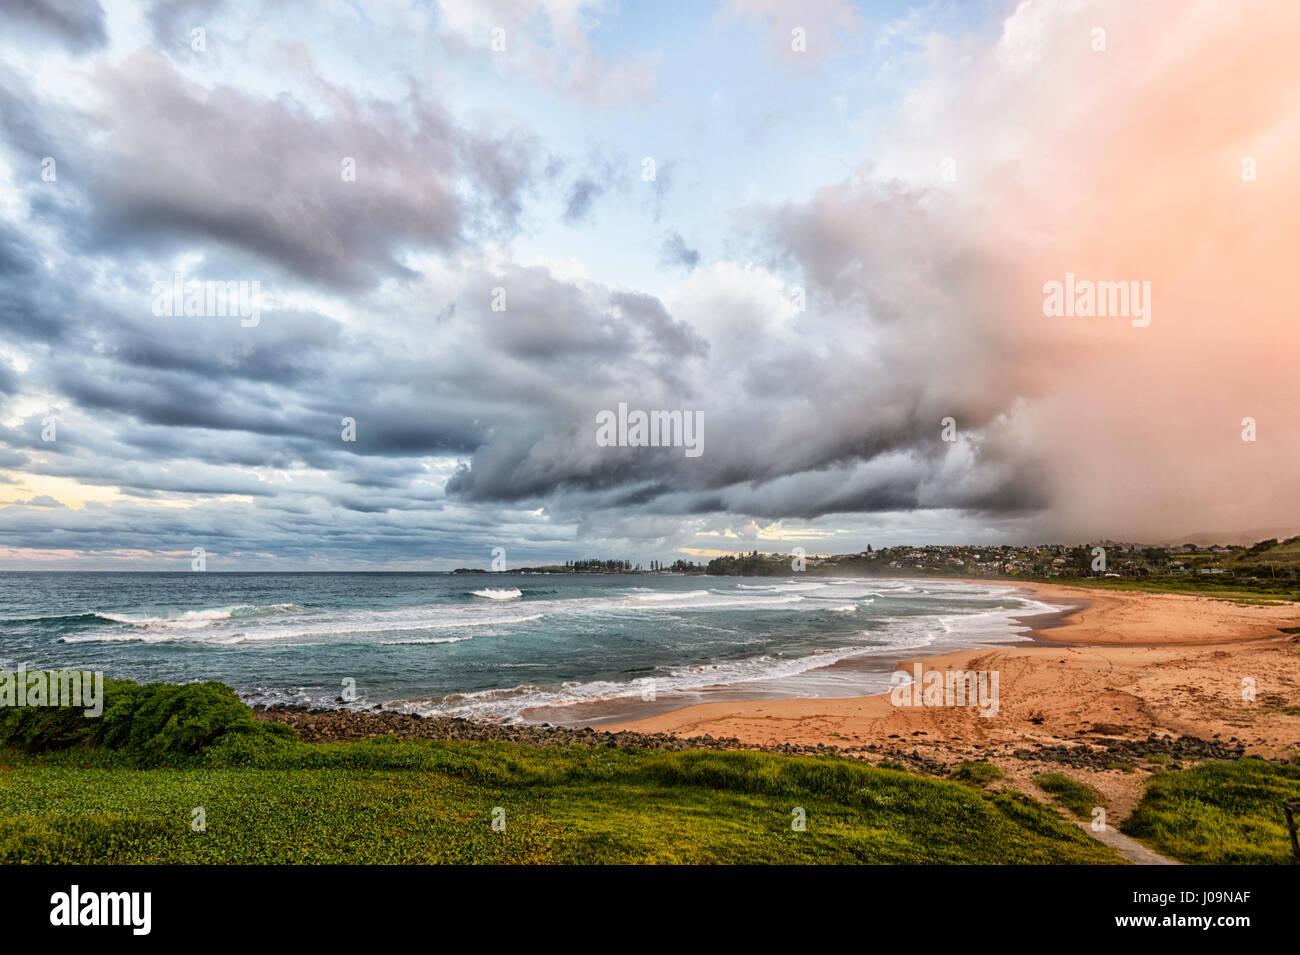 Vista espectacular de una inminente tormenta en Bombo Playa, Kiama, Costa Illawarra, Nueva Gales del Sur (NSW, Australia Foto de stock